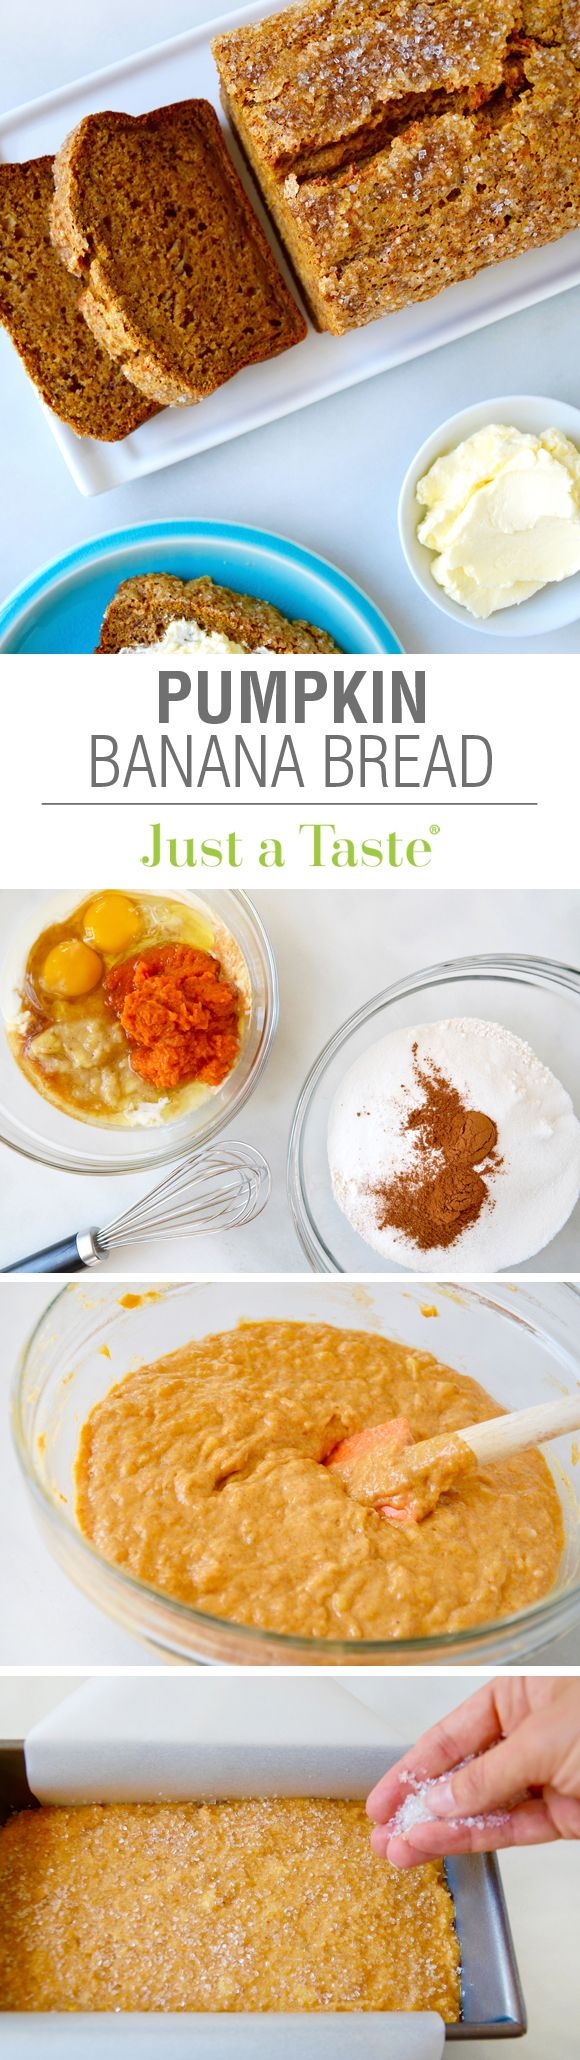 Pumpkin Banana Bread #recipe from justataste.com